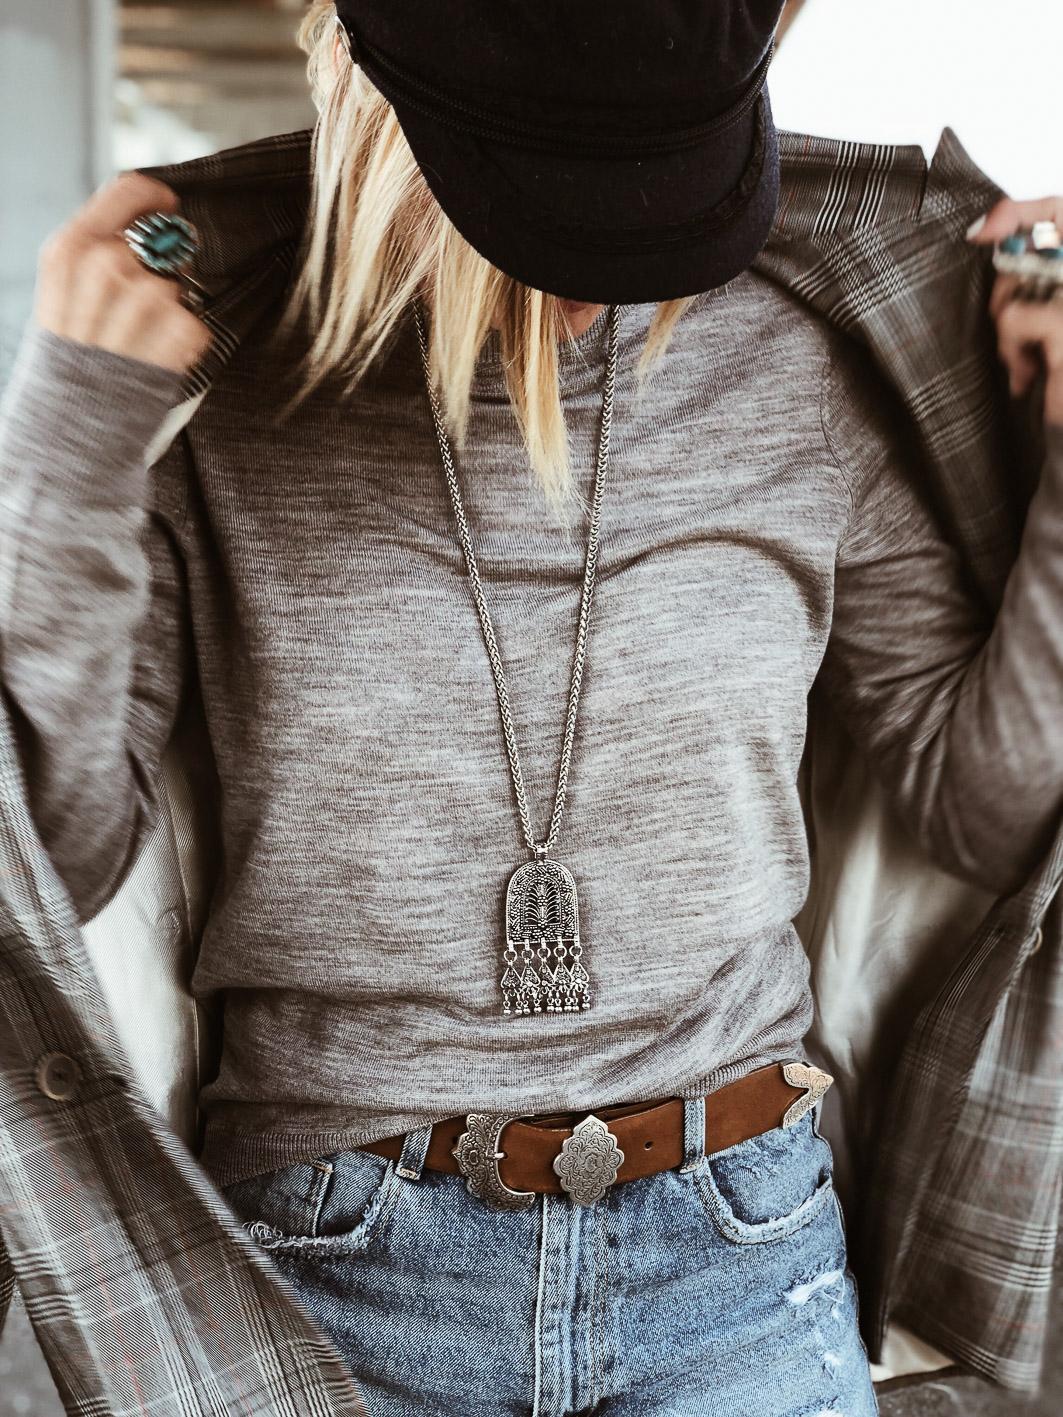 Carnet Sauvage - Blog mode femme, idée look back to work Uniqlo